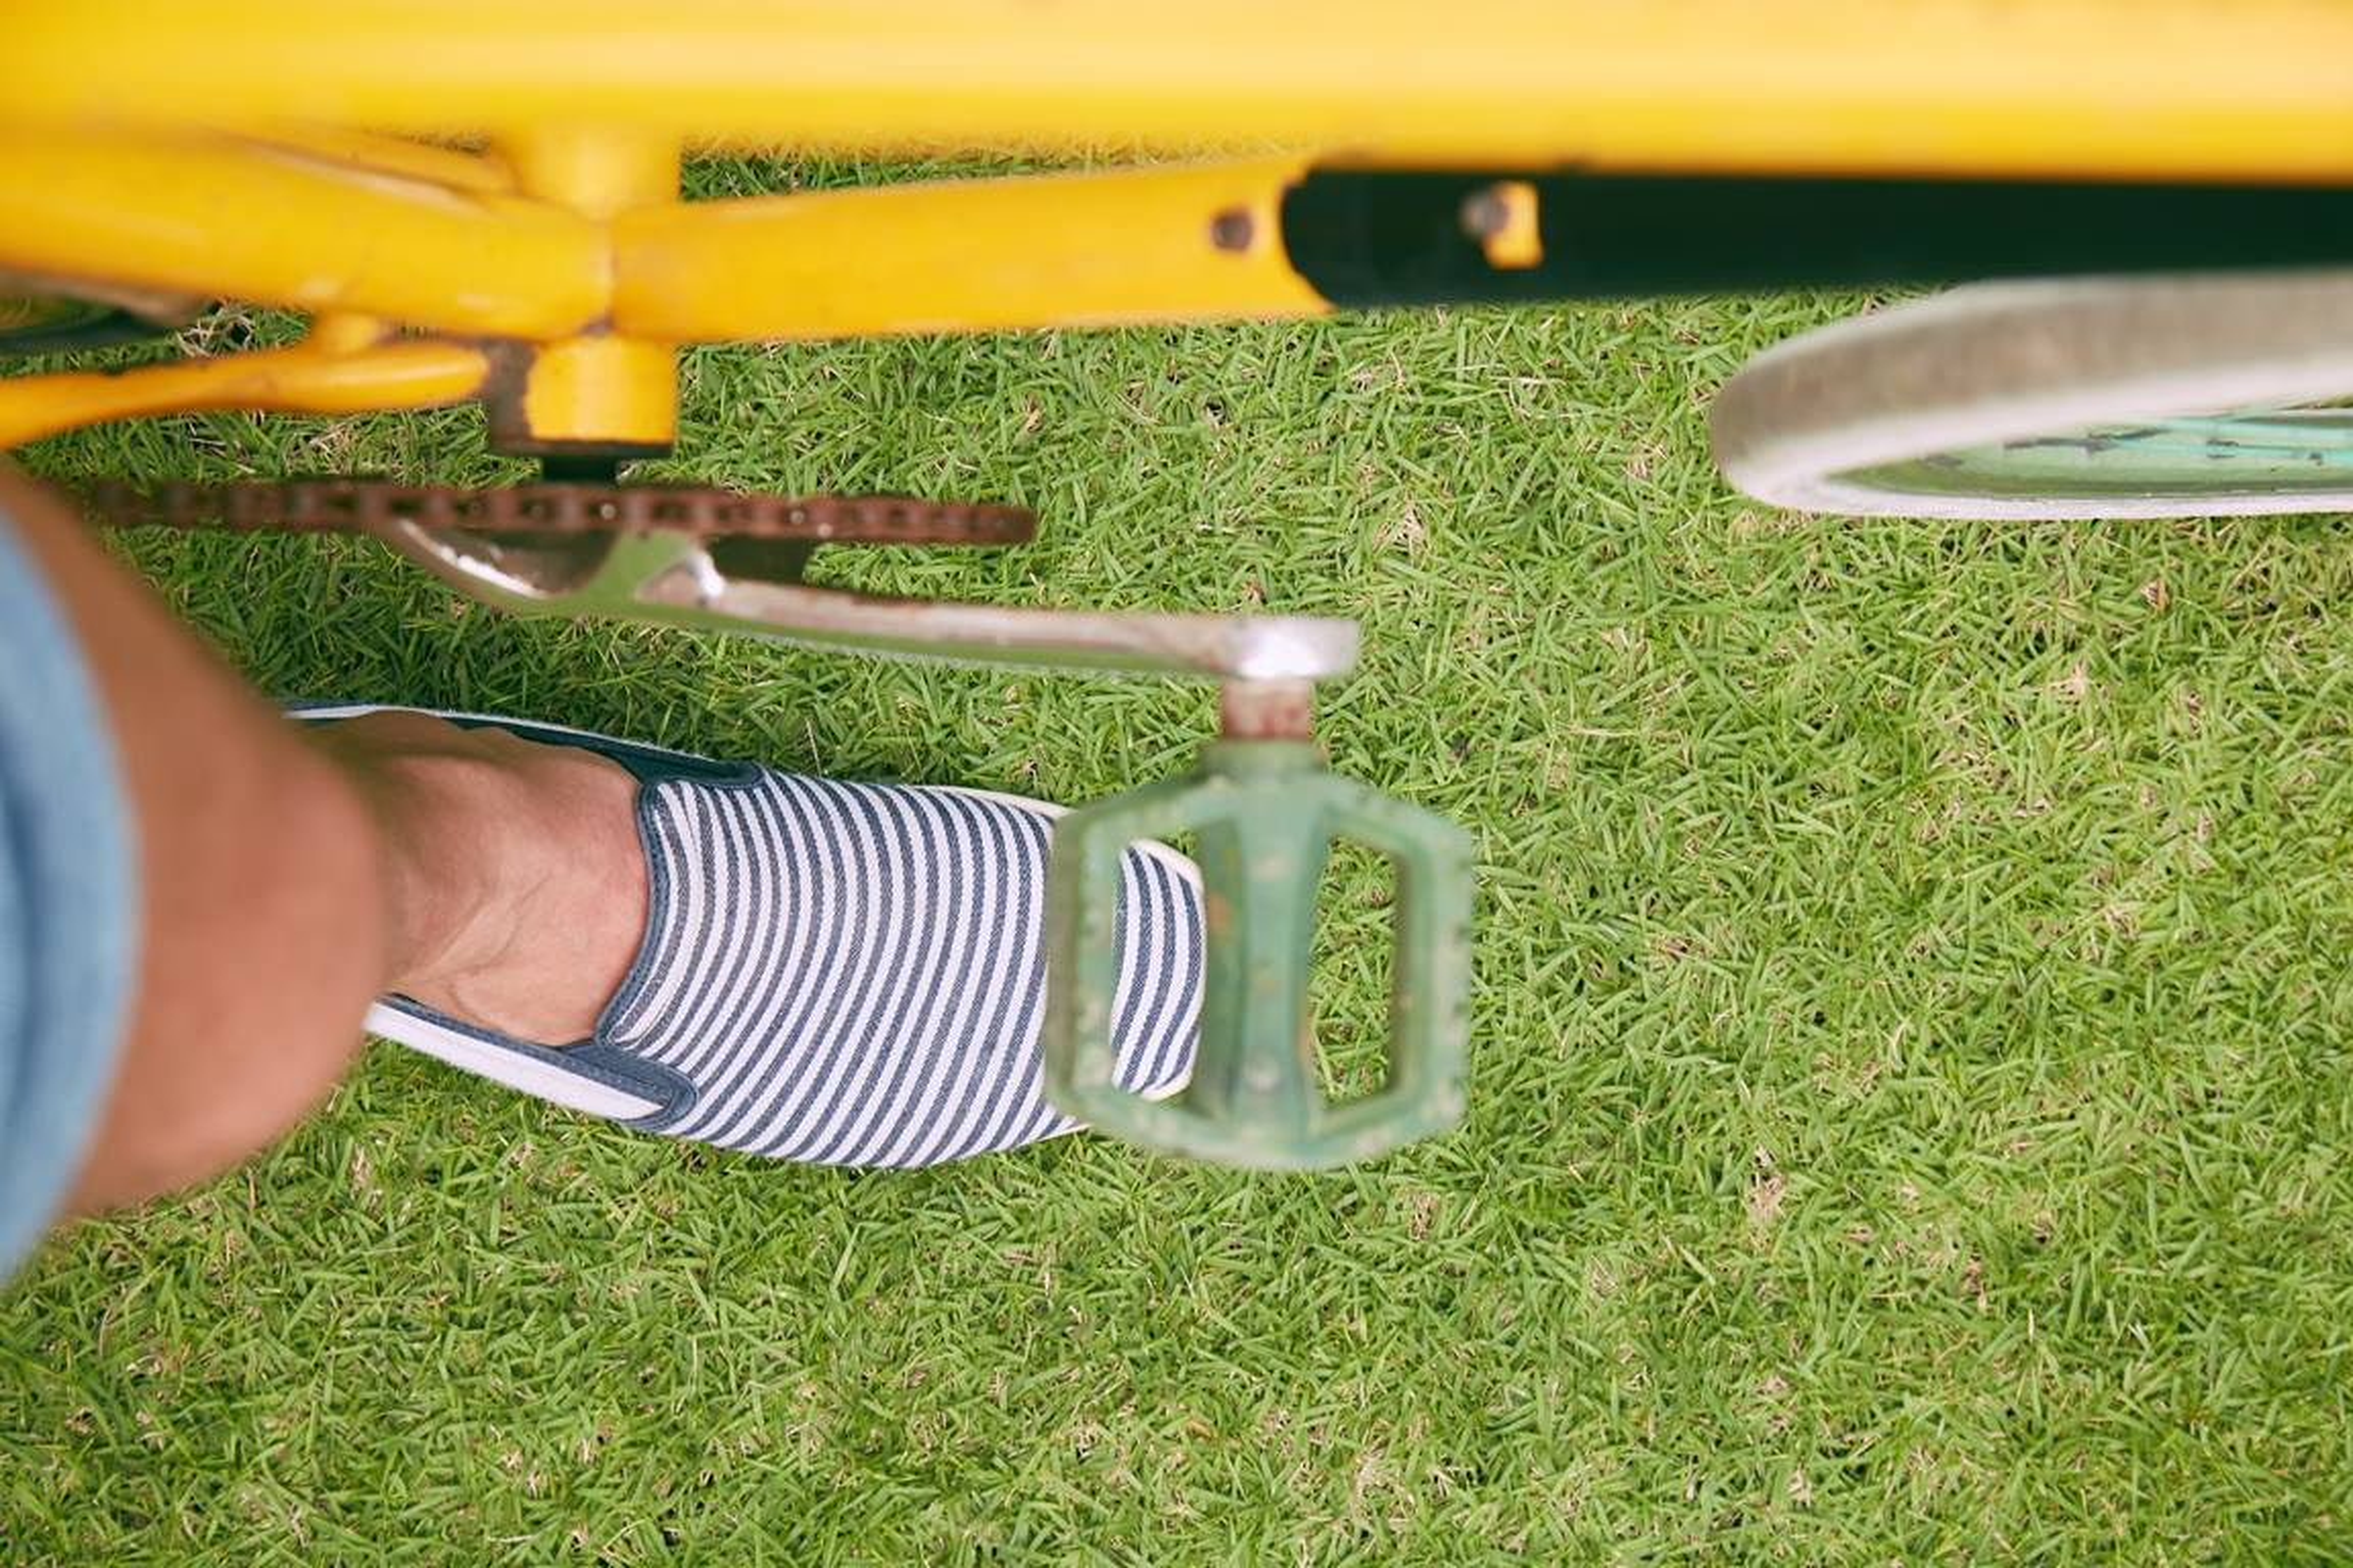 Uma bicicleta amarela forneceu relação e conexão